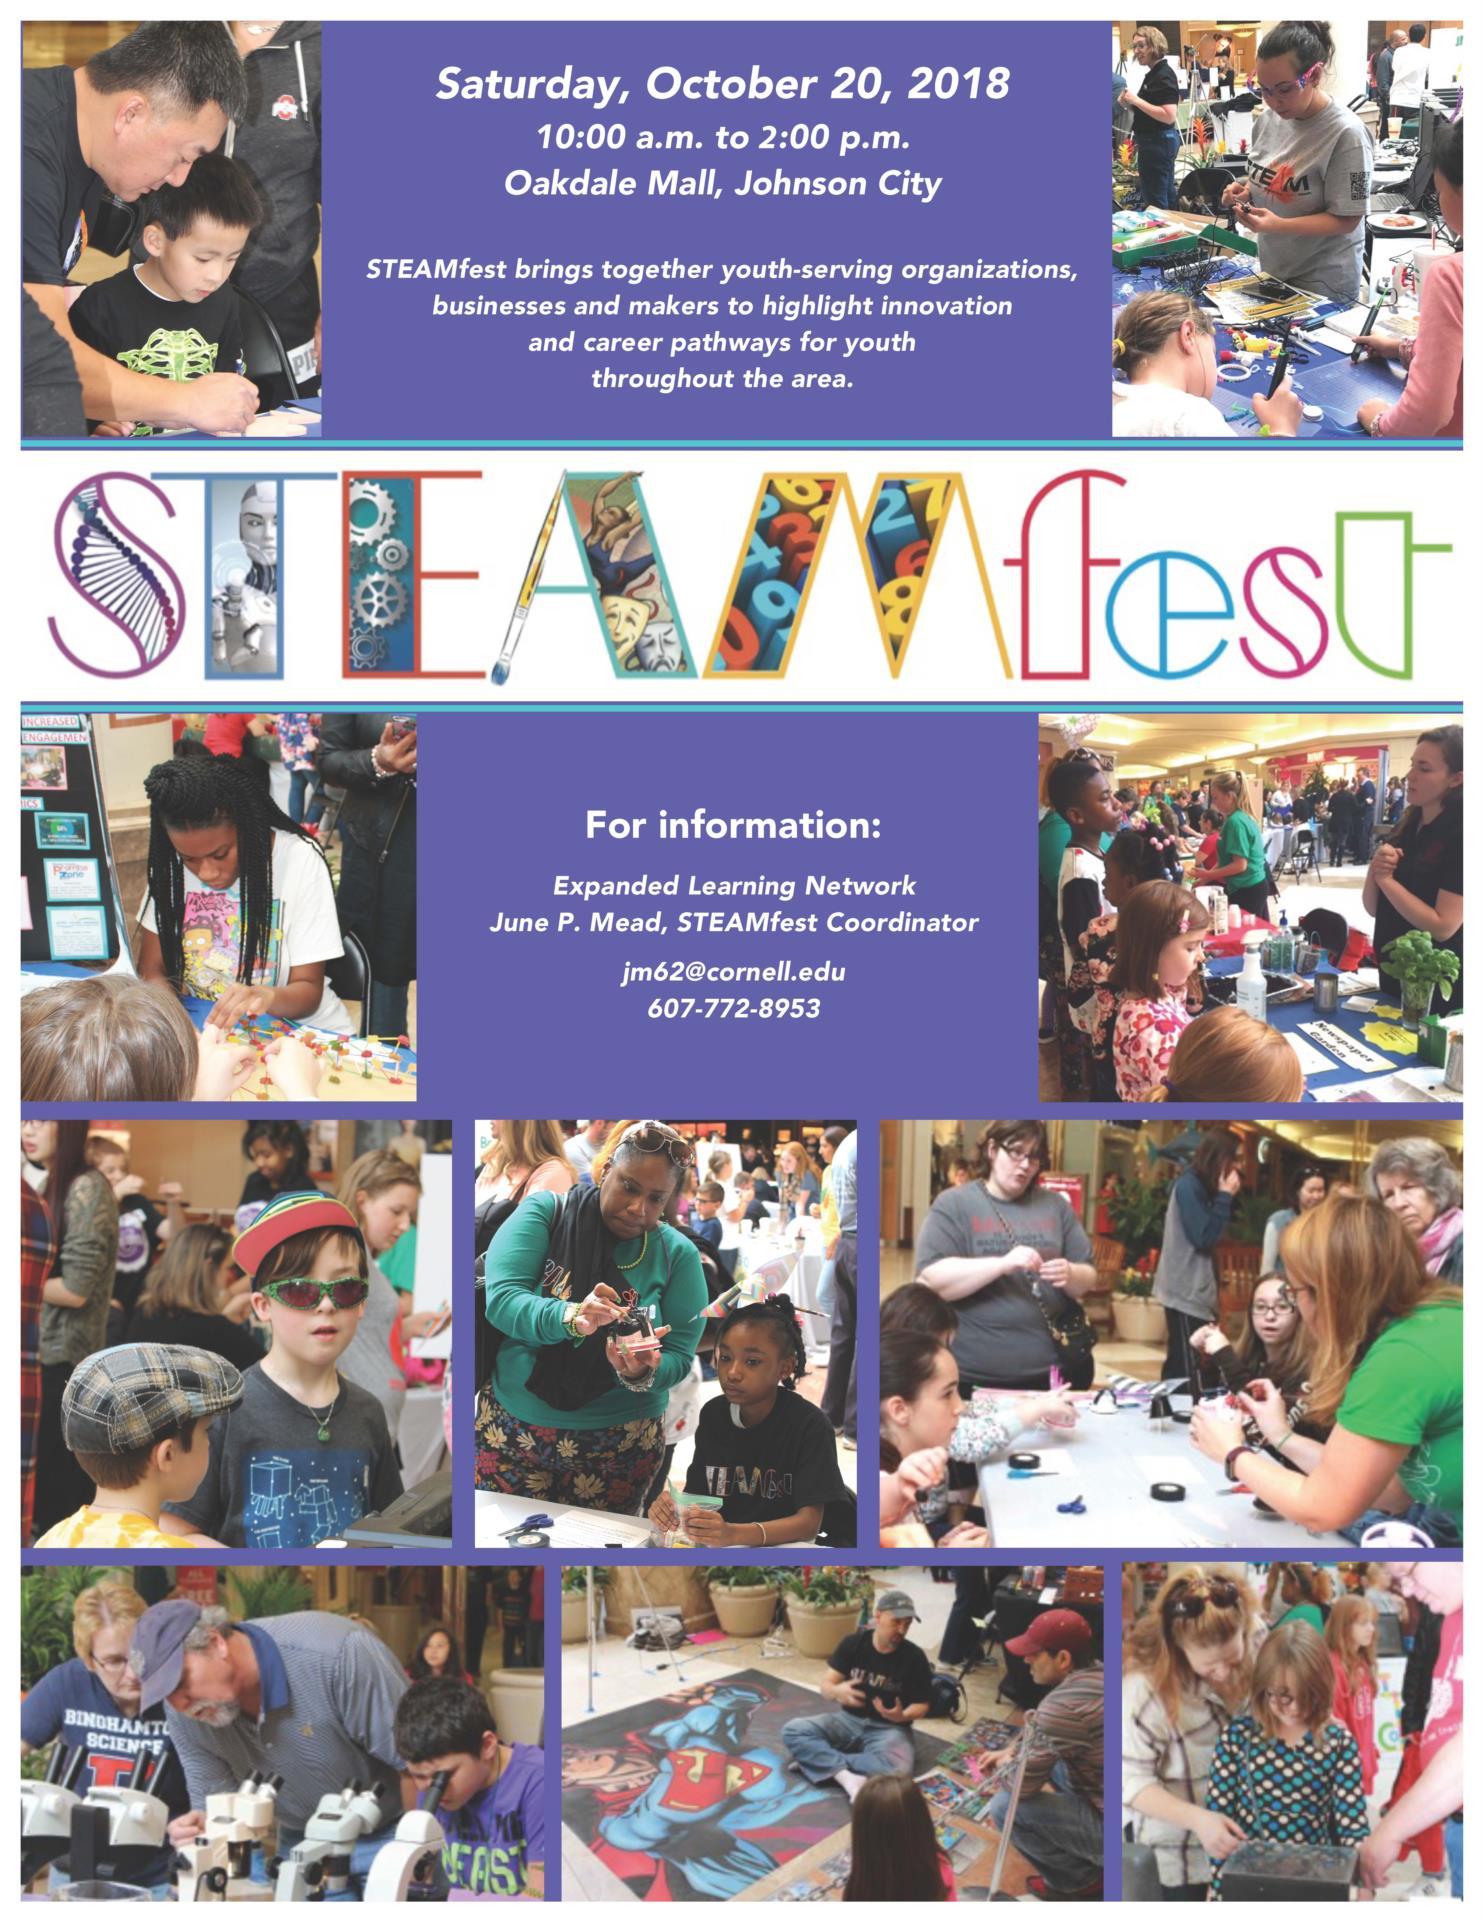 steamfest web flyer